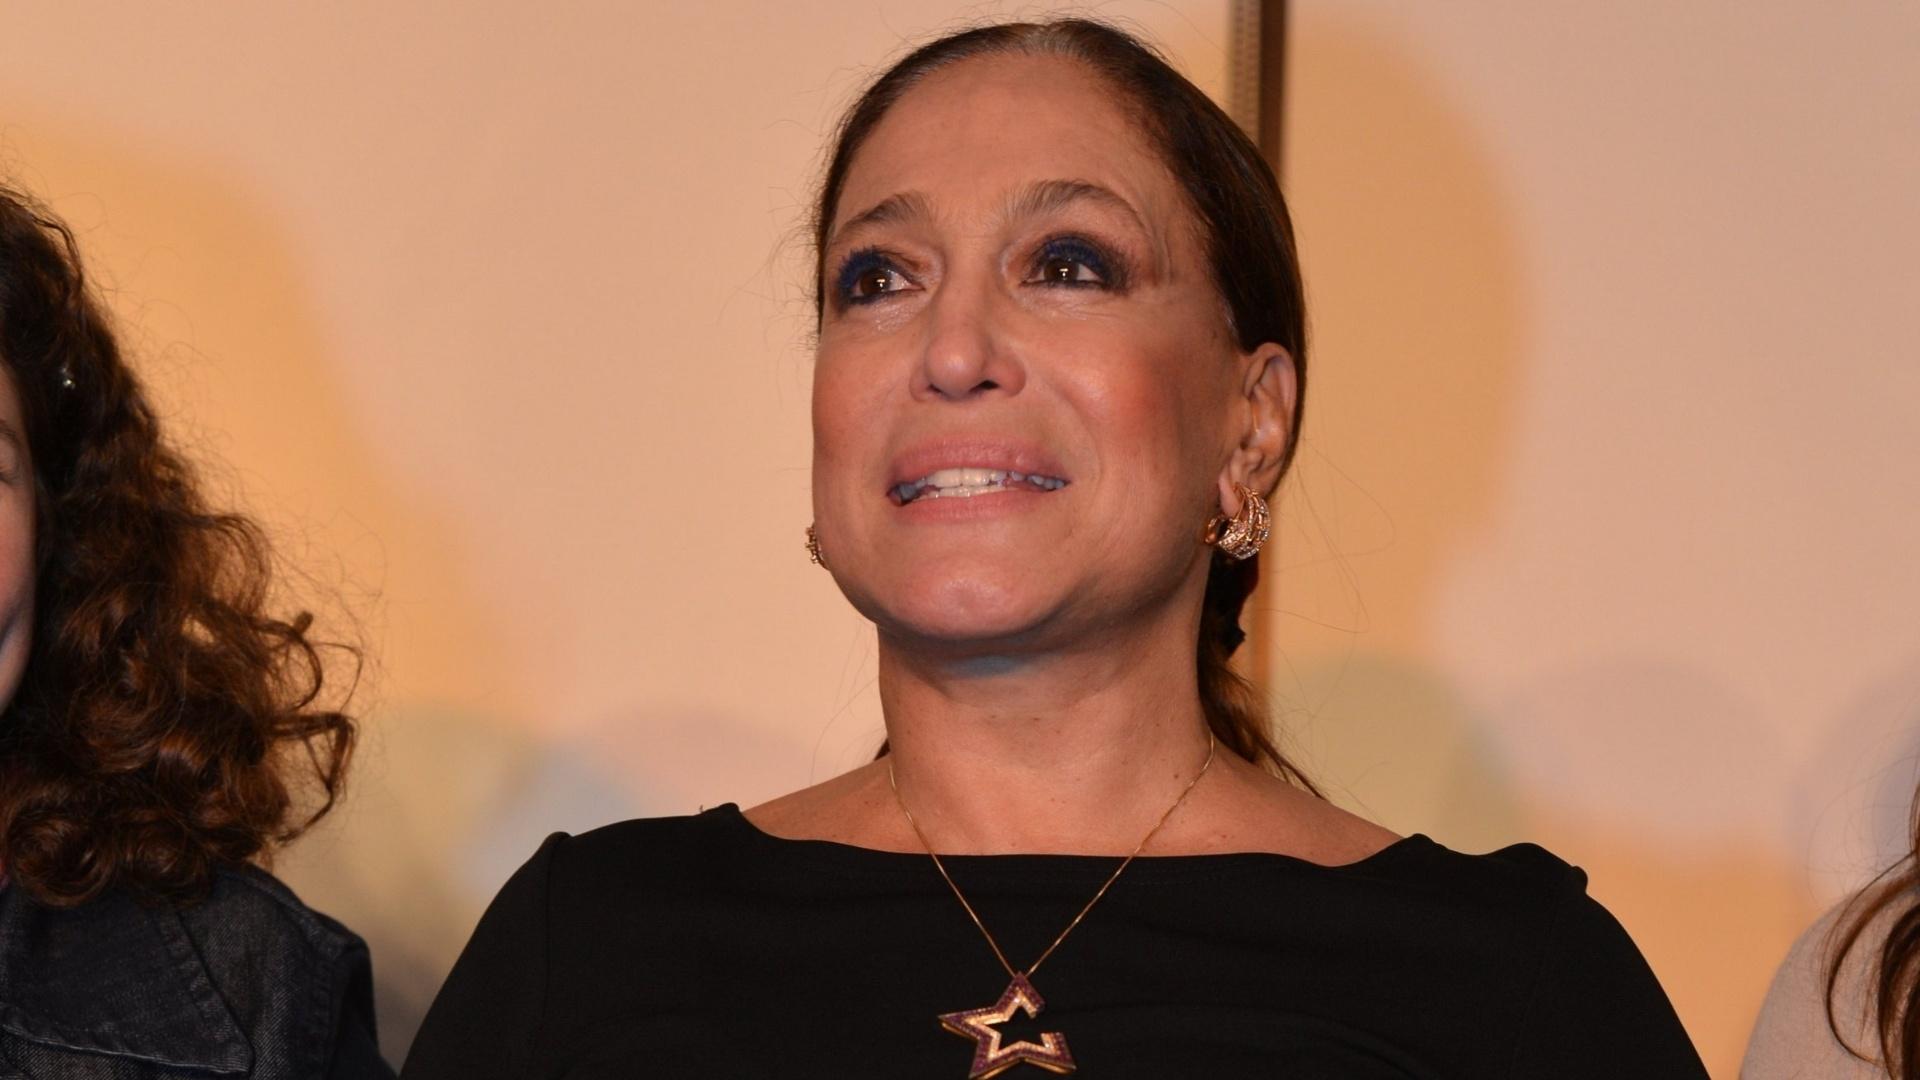 Susana Vieira na leitura dramatizada do texto Polaca! no Rio de Janeiro (18/7/12)